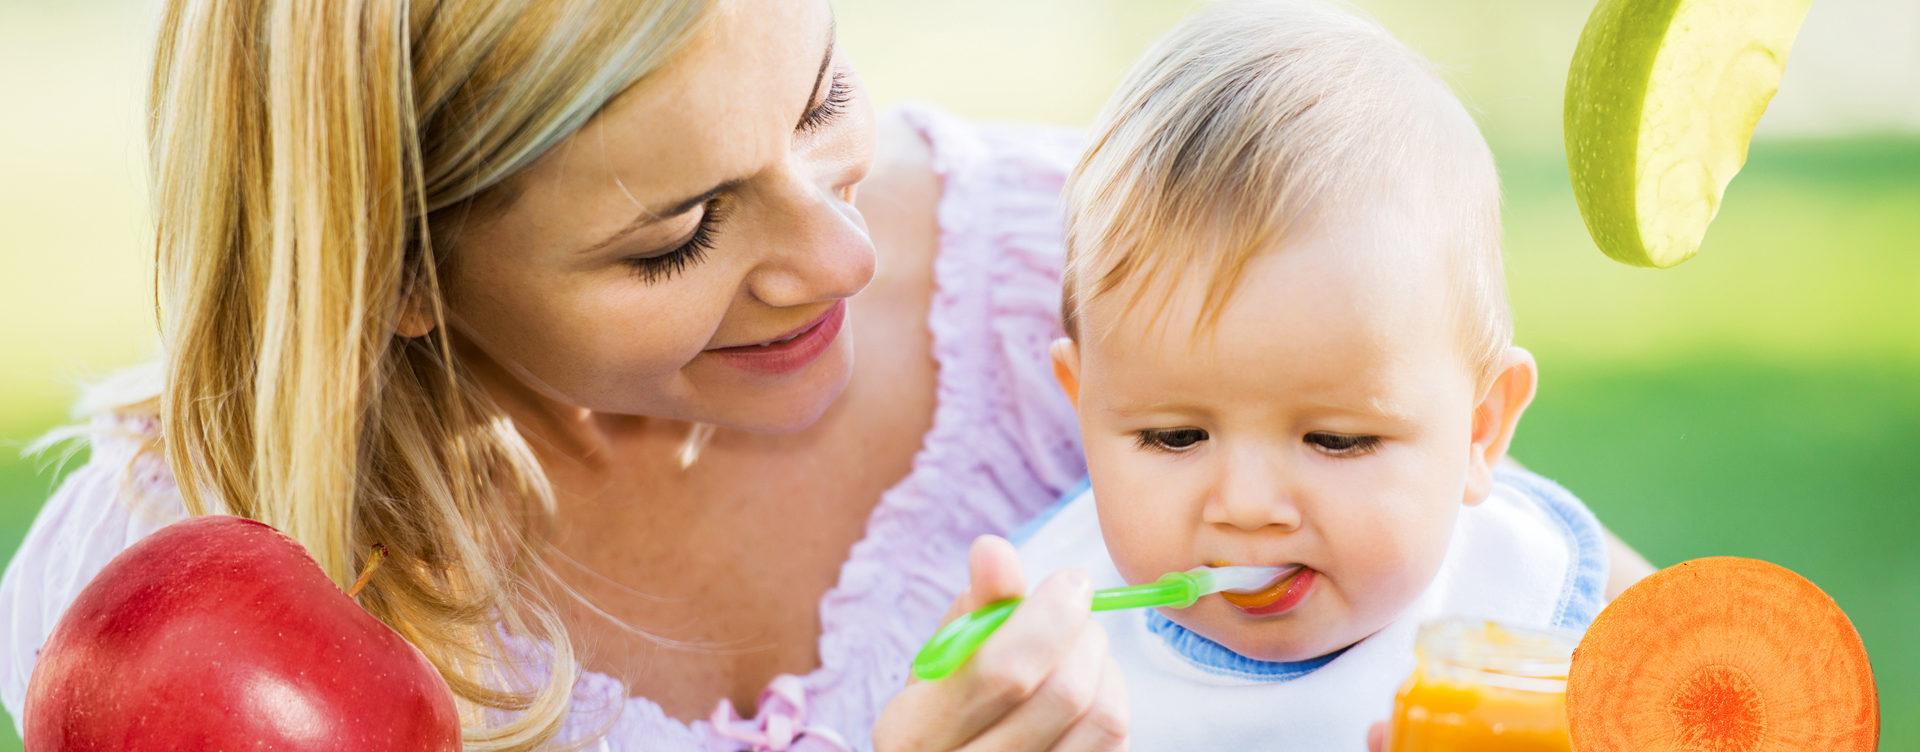 мать кормит ребенка детским пюре